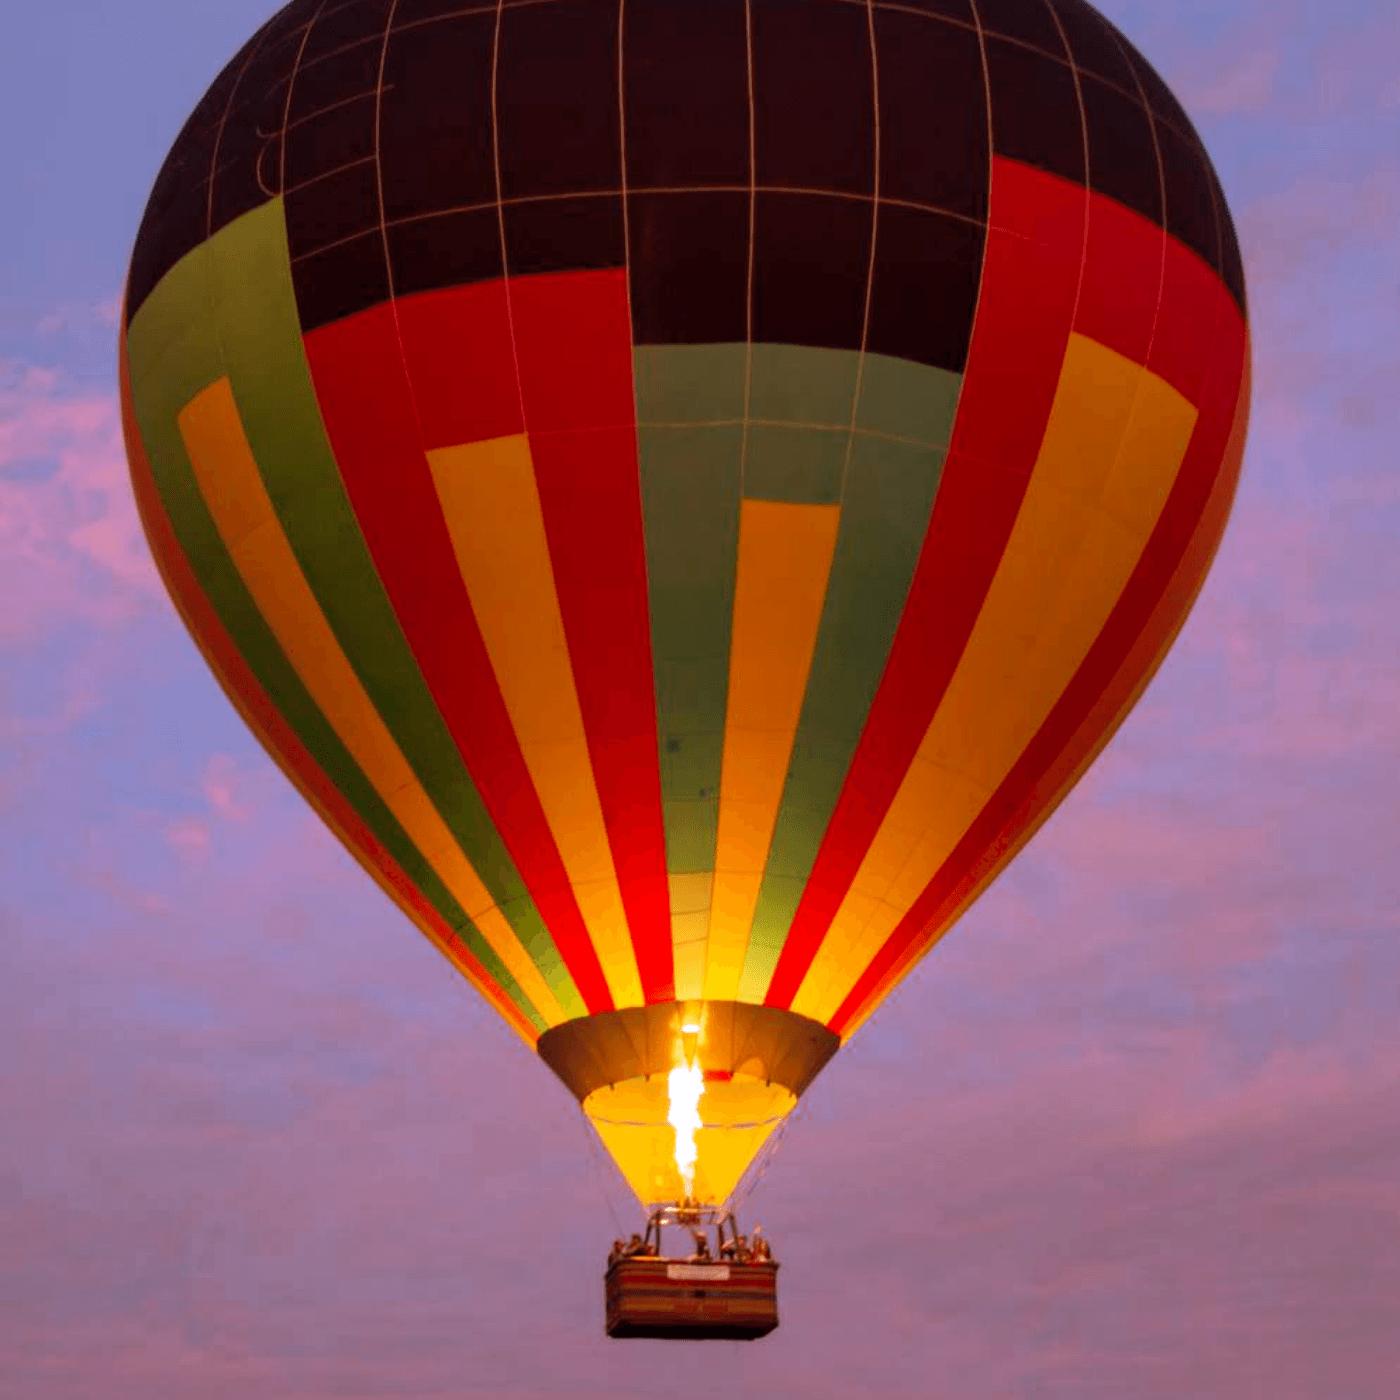 Passeio de Balão em Boituva-SP